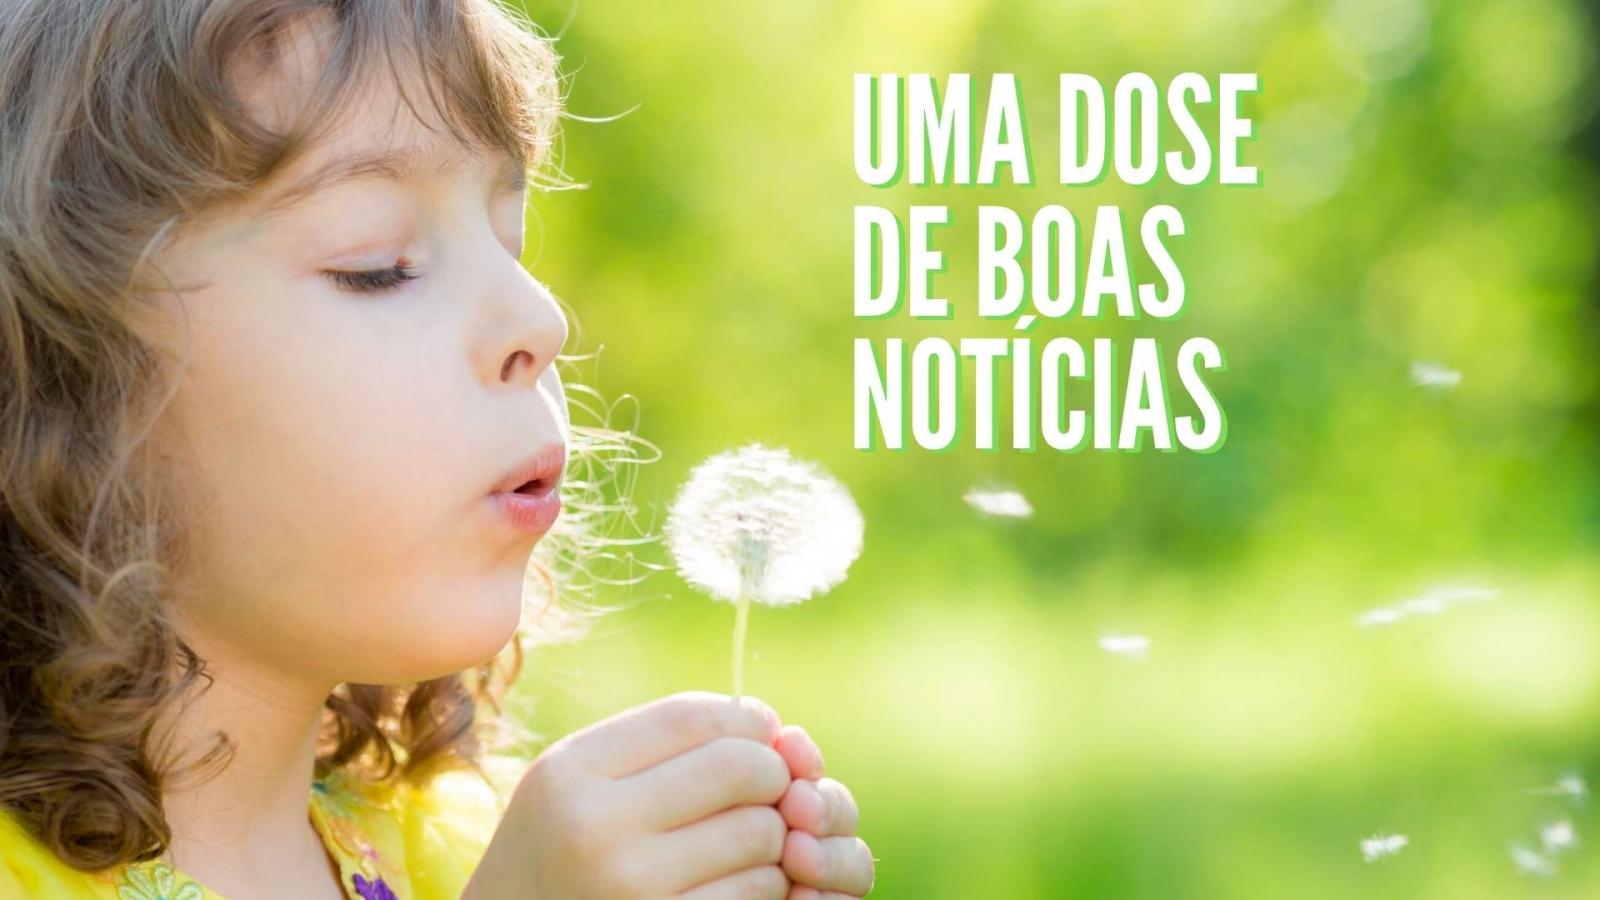 O MUNDO ESTÁ CHEIO DE BOAS NOTÍCIAS!